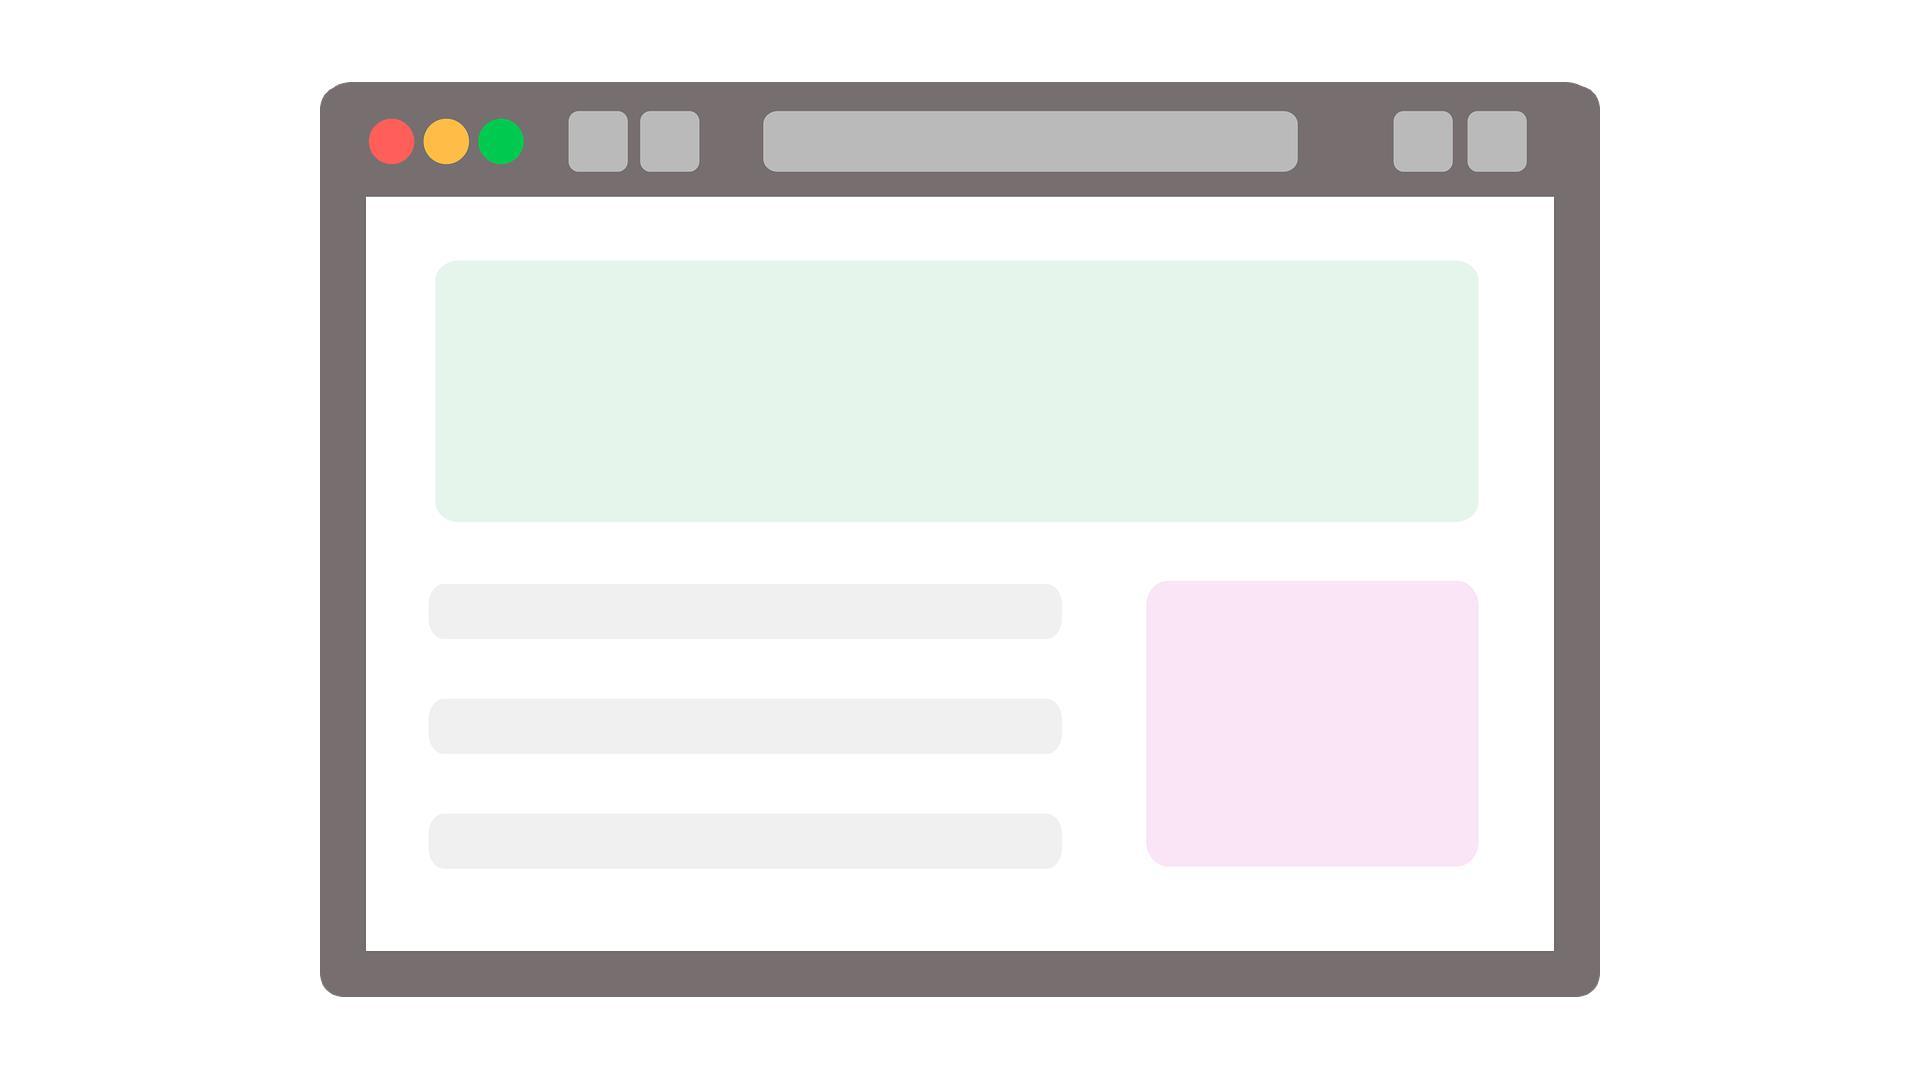 Браузер Chrome теперь умеет прокручивать вкладки